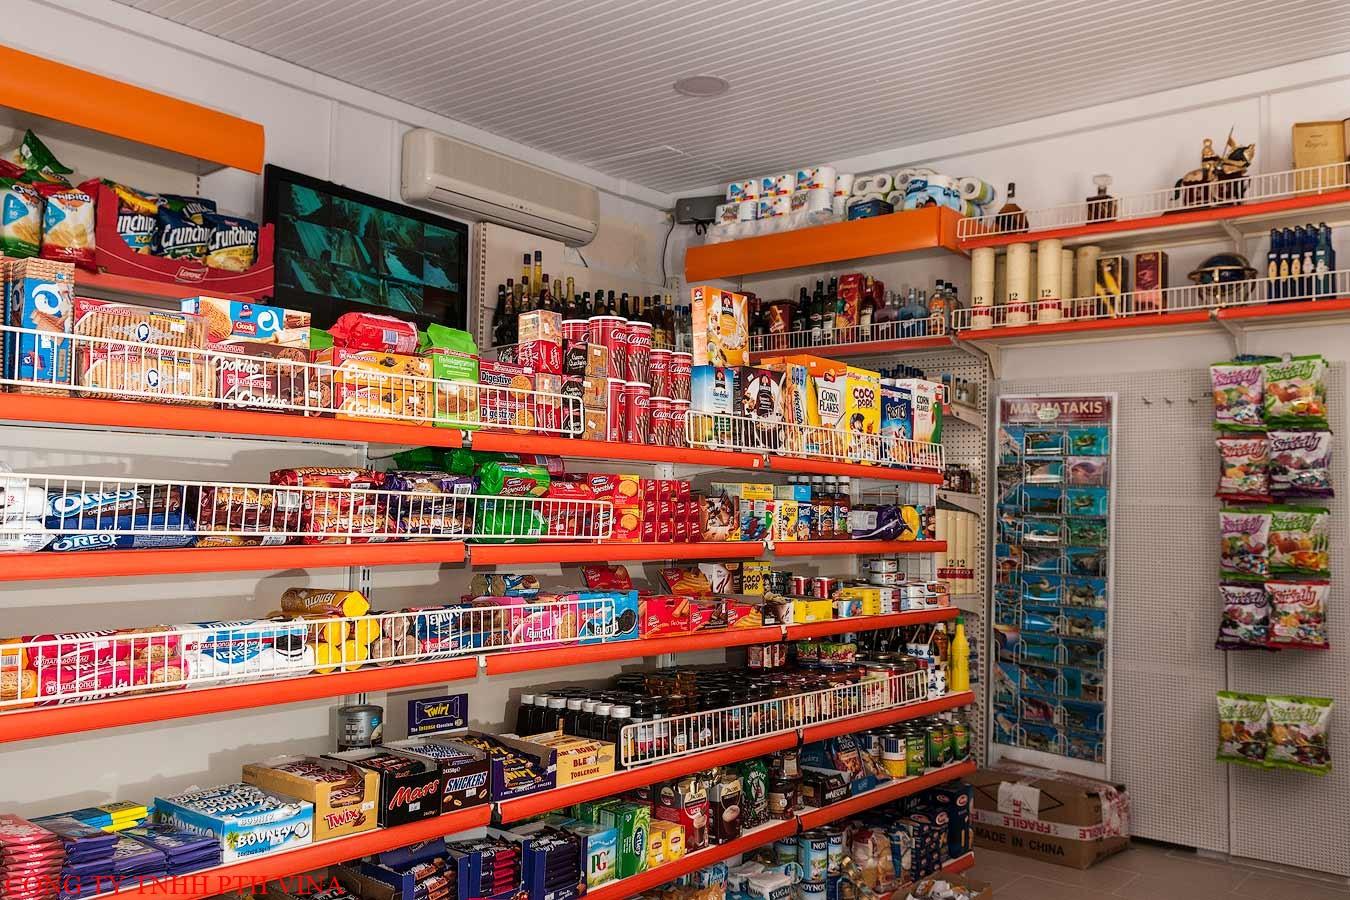 Cách trưng bày, sắp xếp hàng tạp hóa đẹp, gọn gàng trong cửa hàng